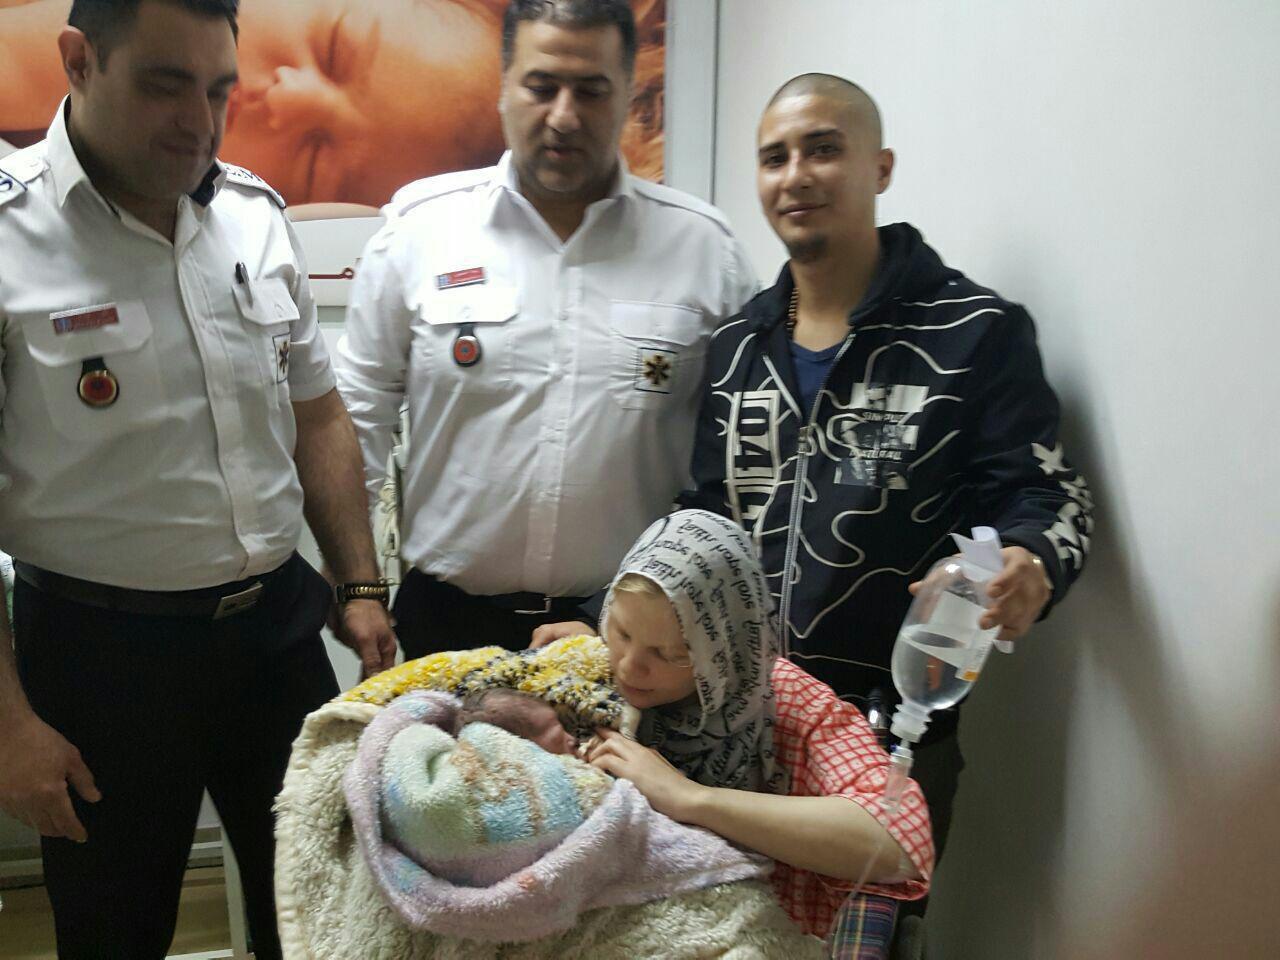 تولد نوزاد دانمارکی در آمبولانس مازندران + تصاویر